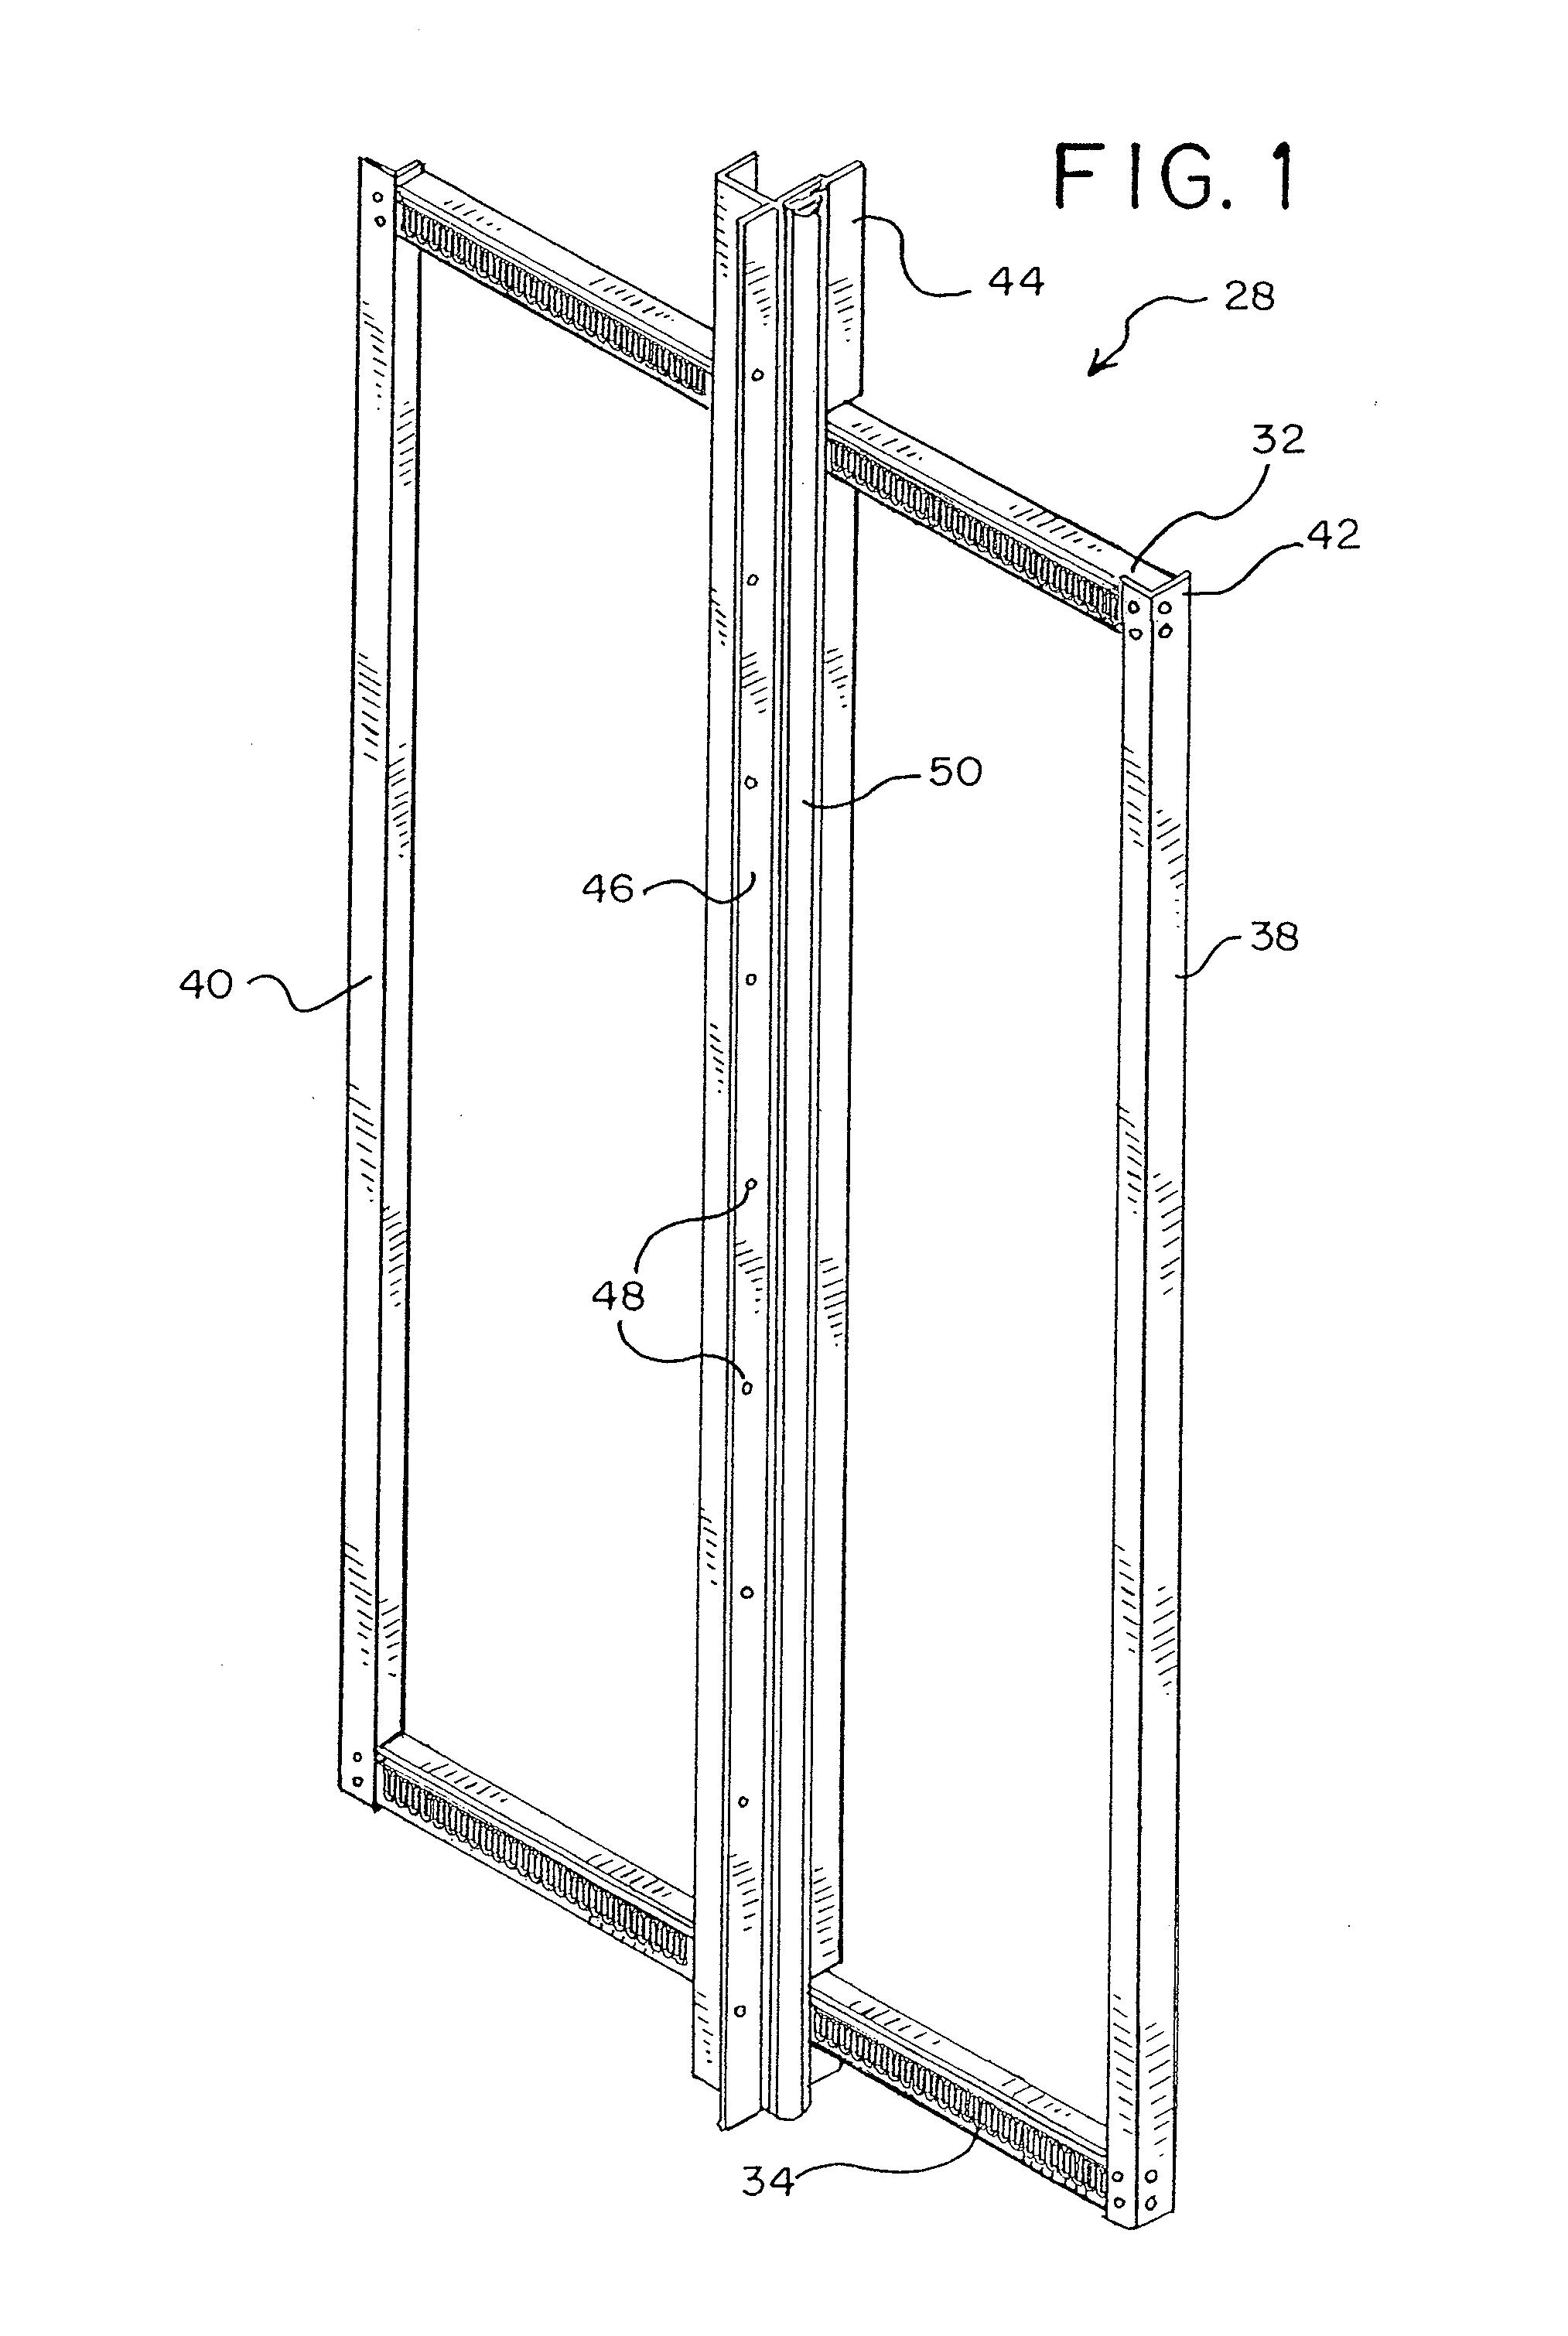 Hydraulic Slide Wiring Diagram - Wiring Diagrams List